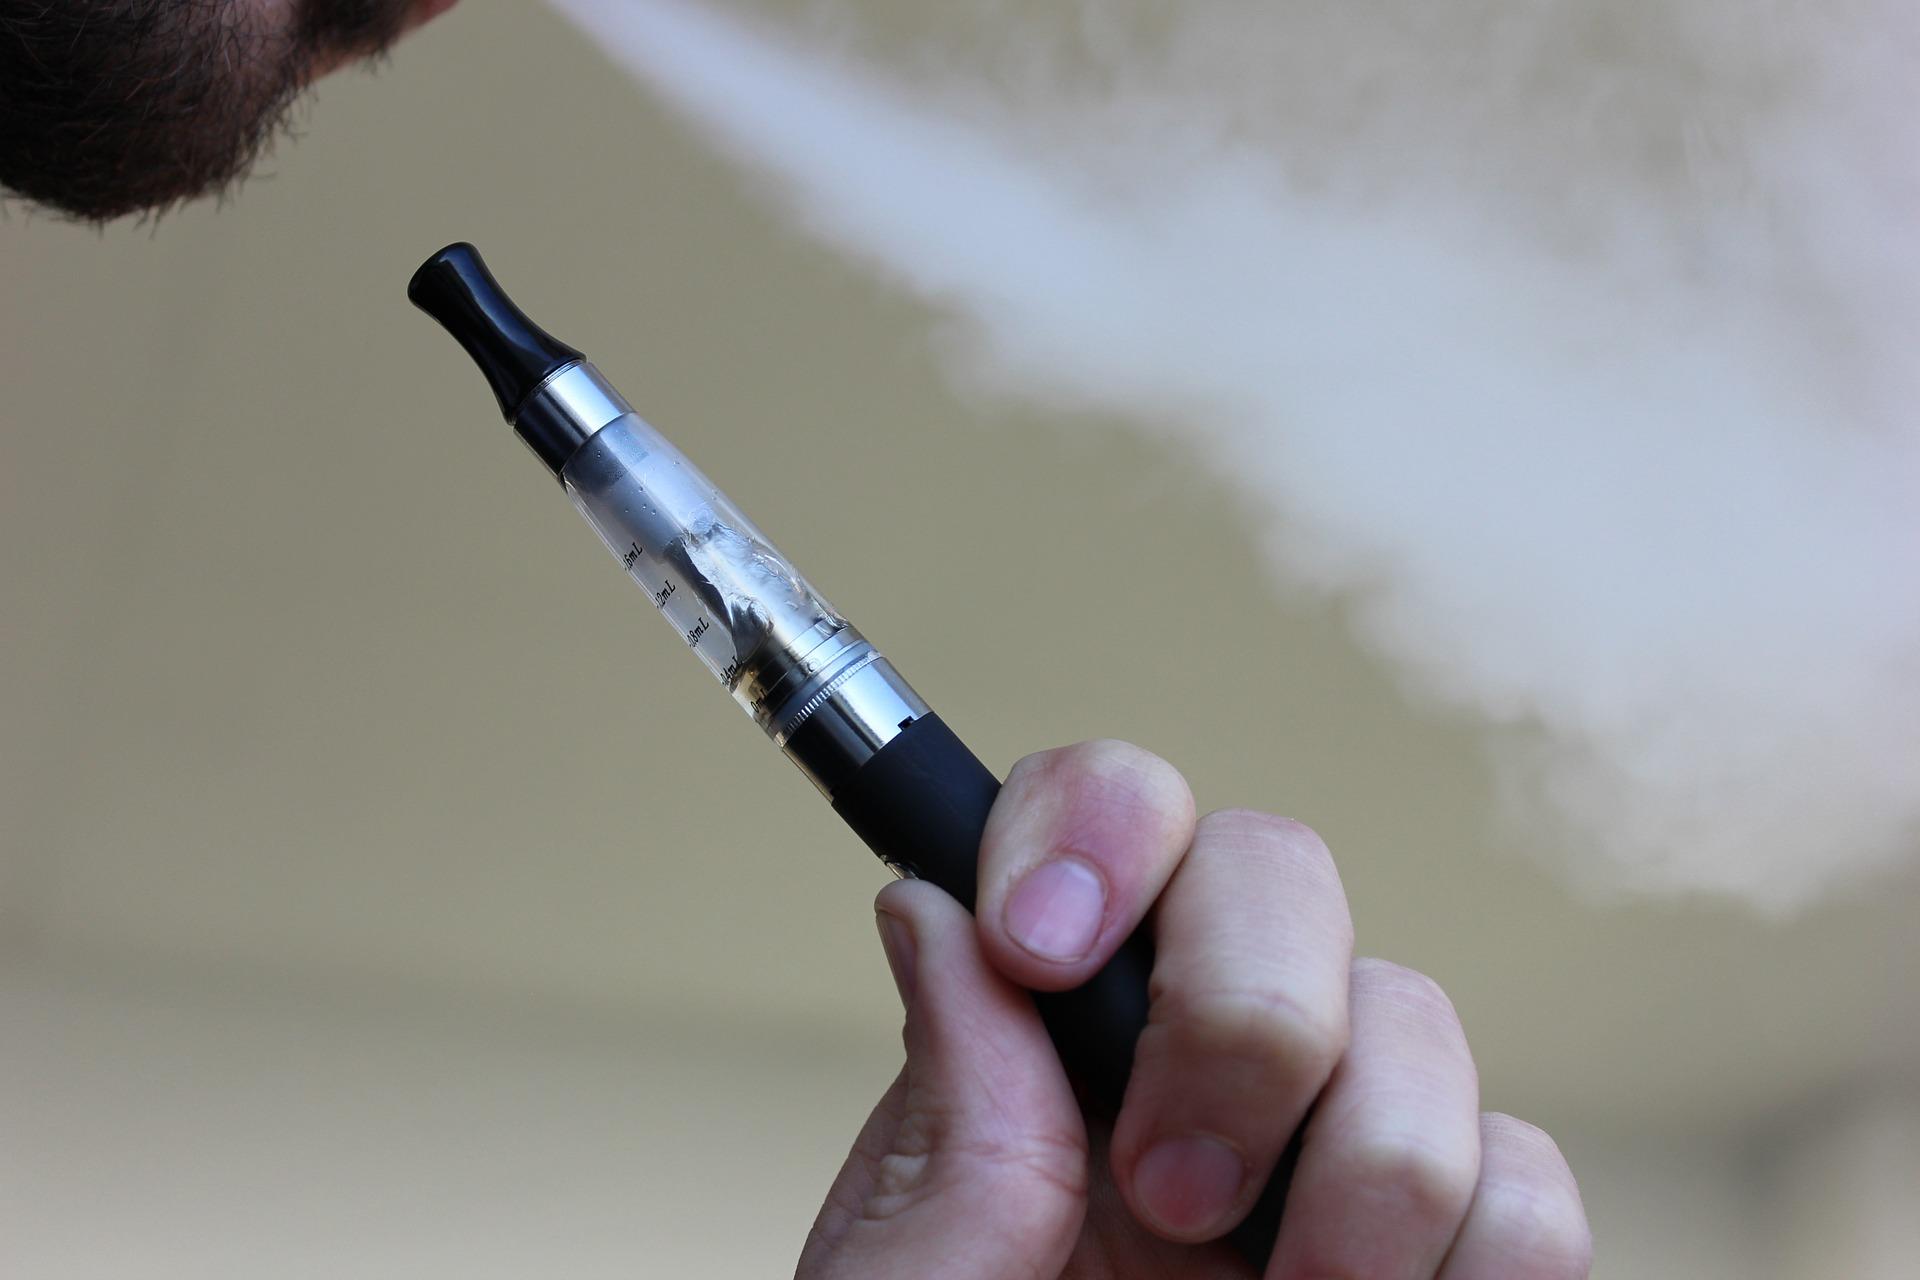 E-Zigarette Dampf tritt aus Mund aus